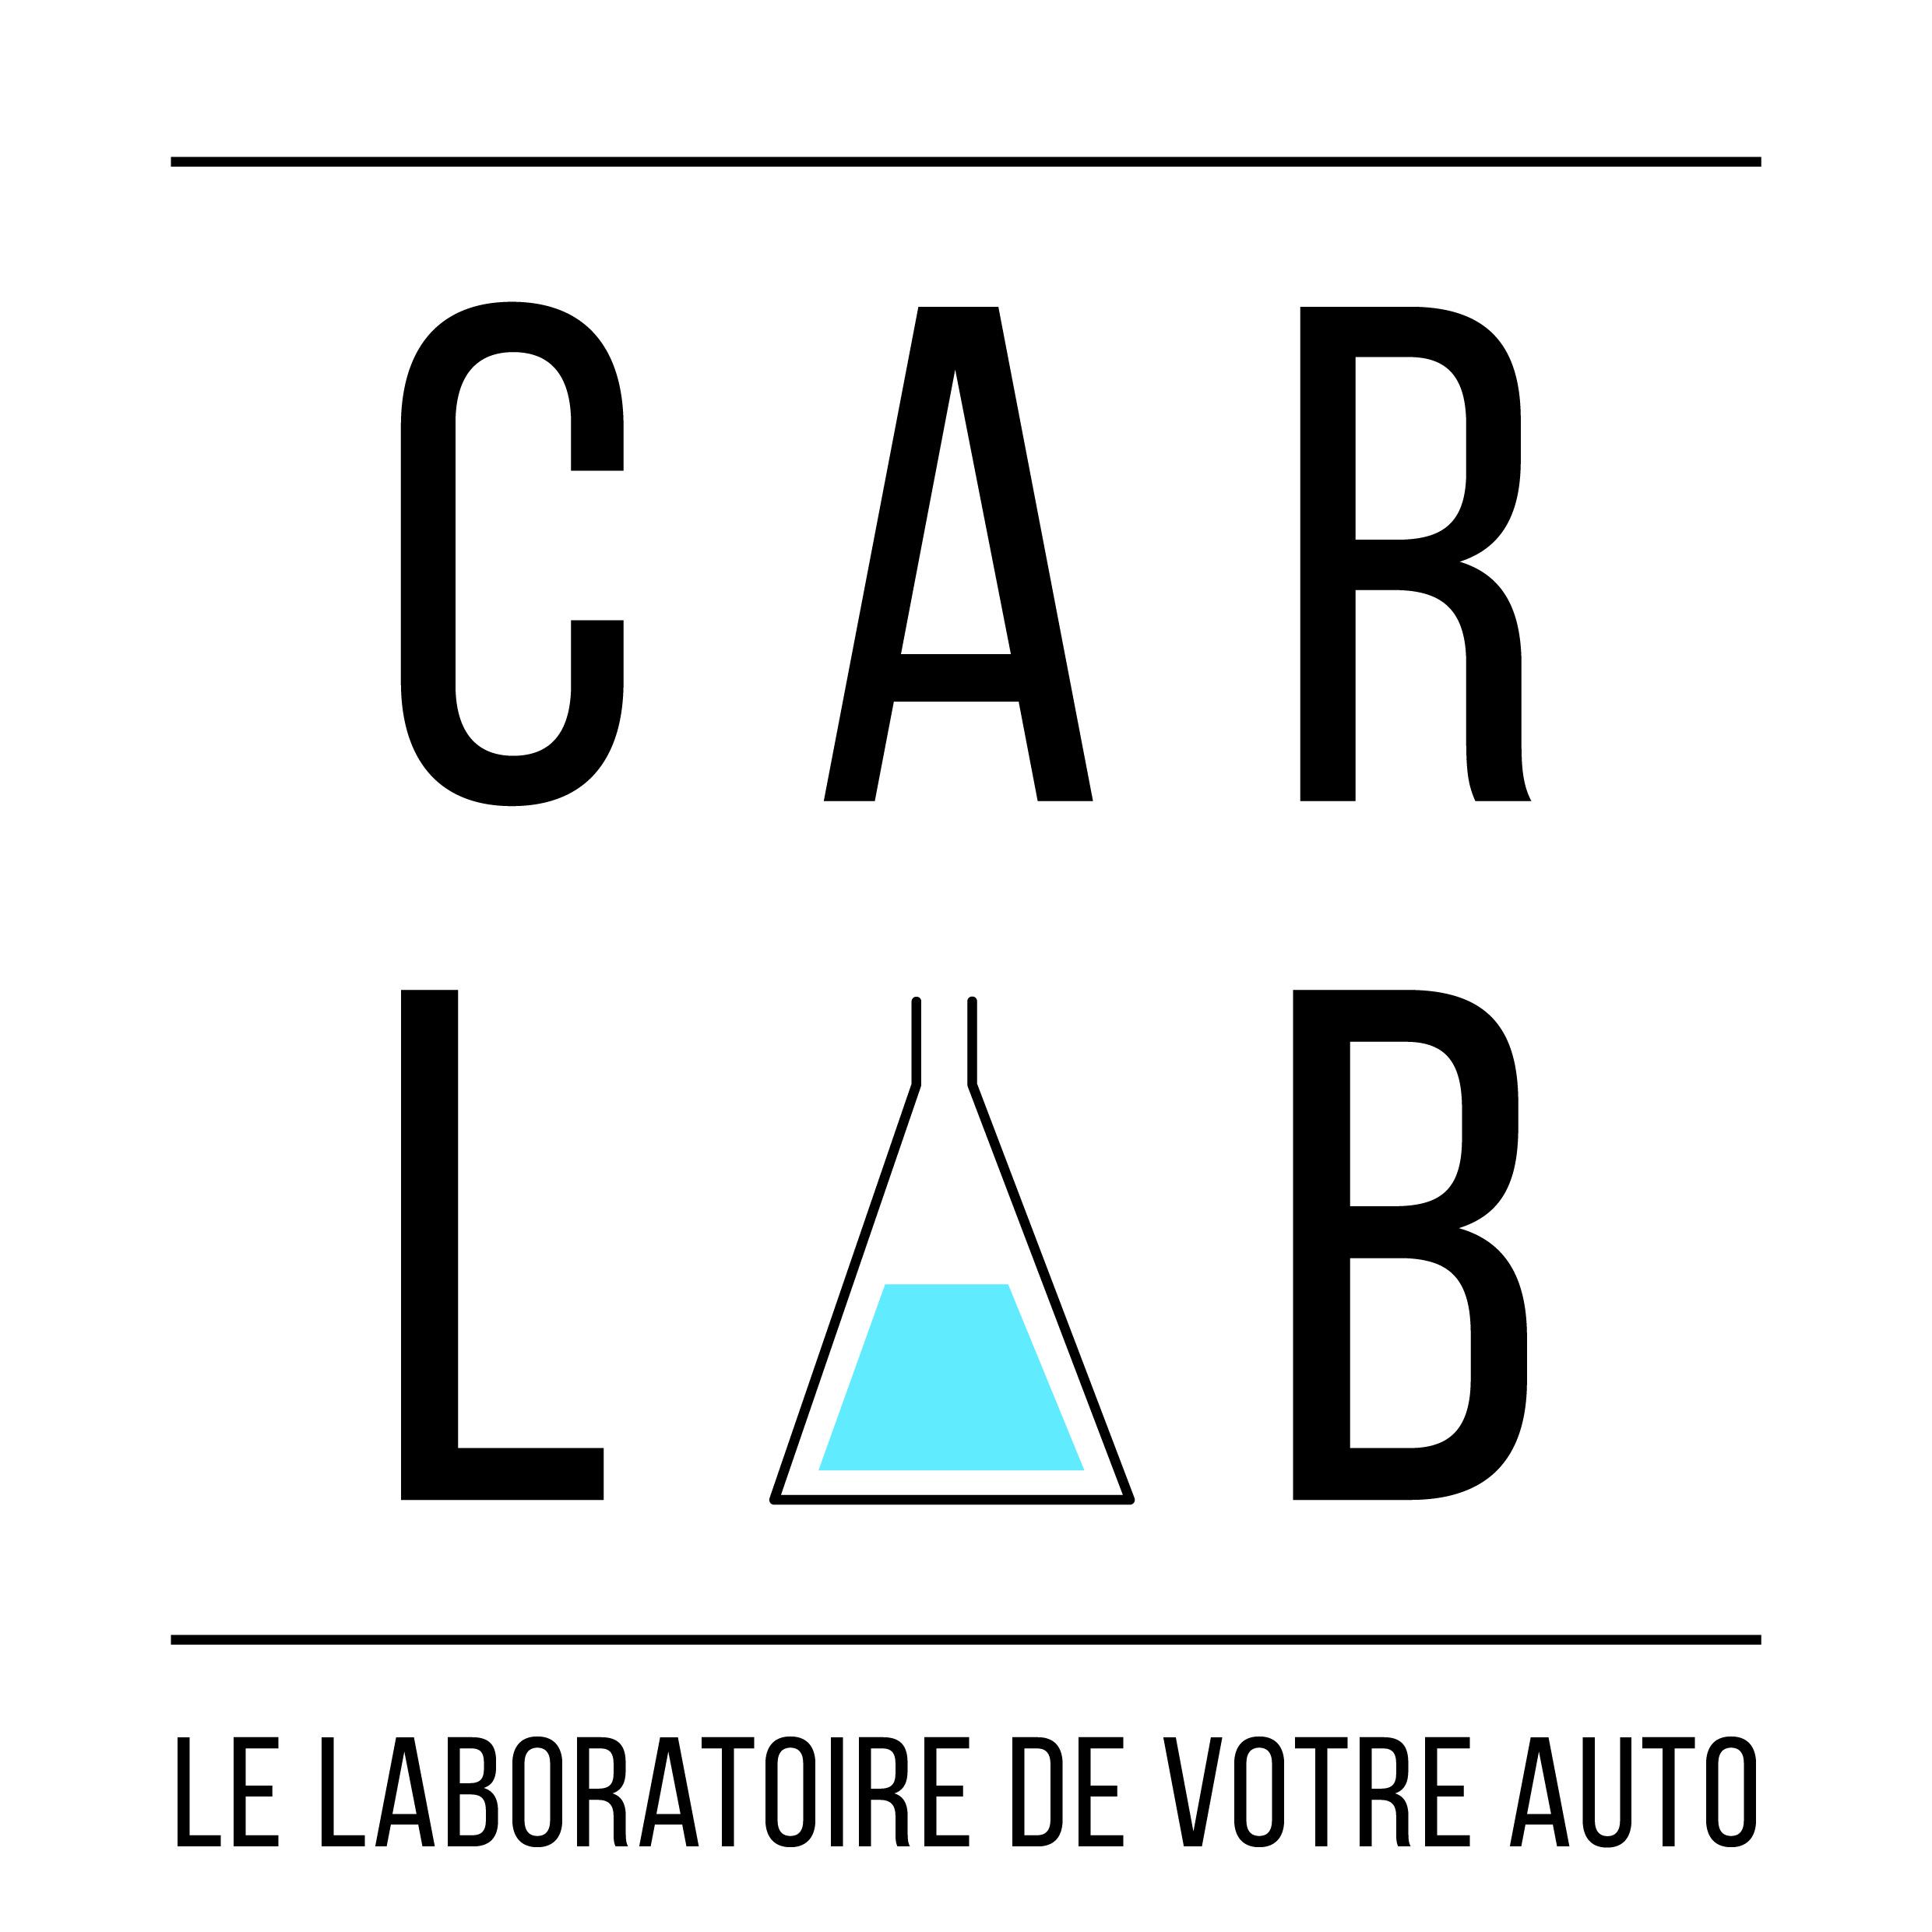 CarLab